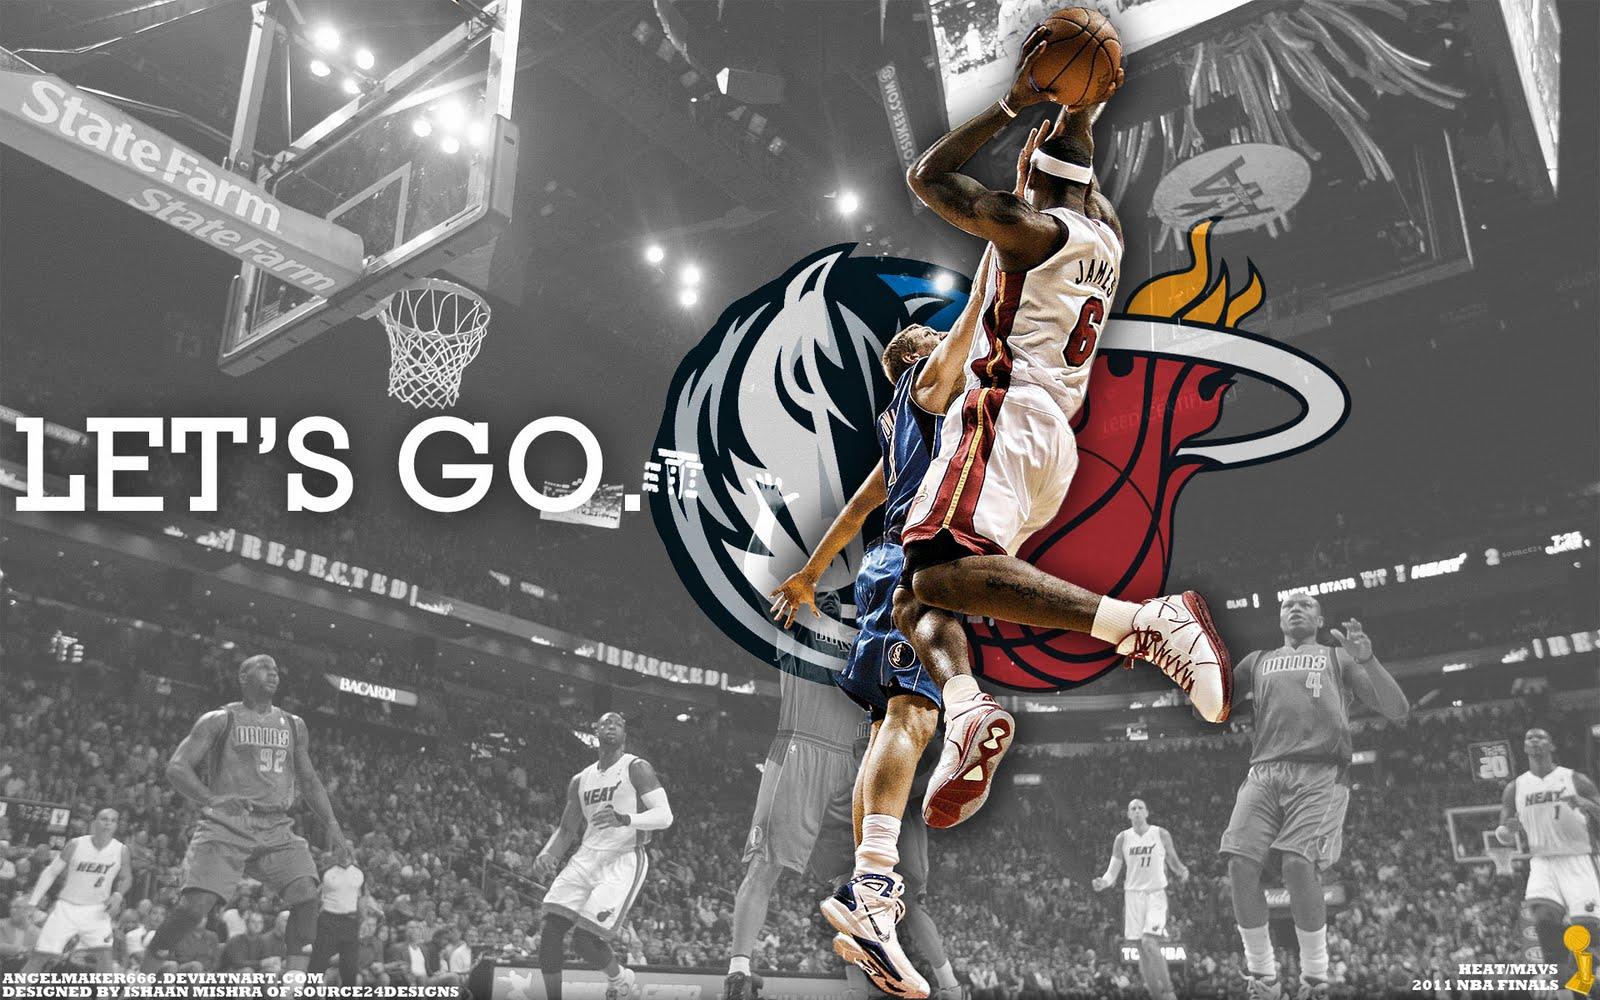 LeBron vs Dirk 2011 NBA Finals Widescreen Wallpaper Big Fan of NBA 1600x1000